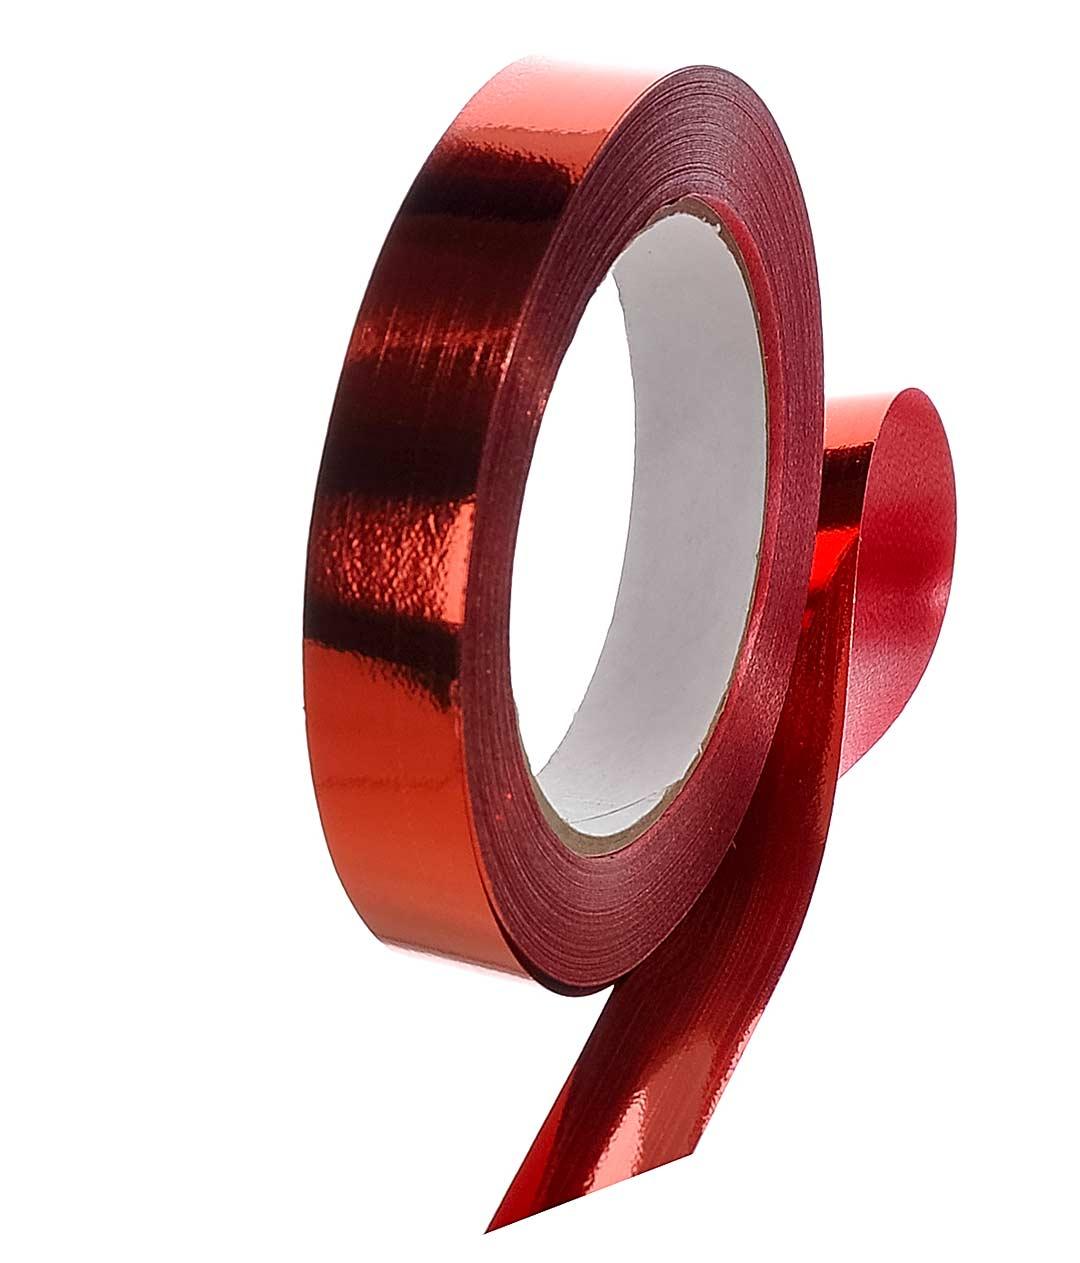 Лента полипропиленовая металлик красный Shax 20мм